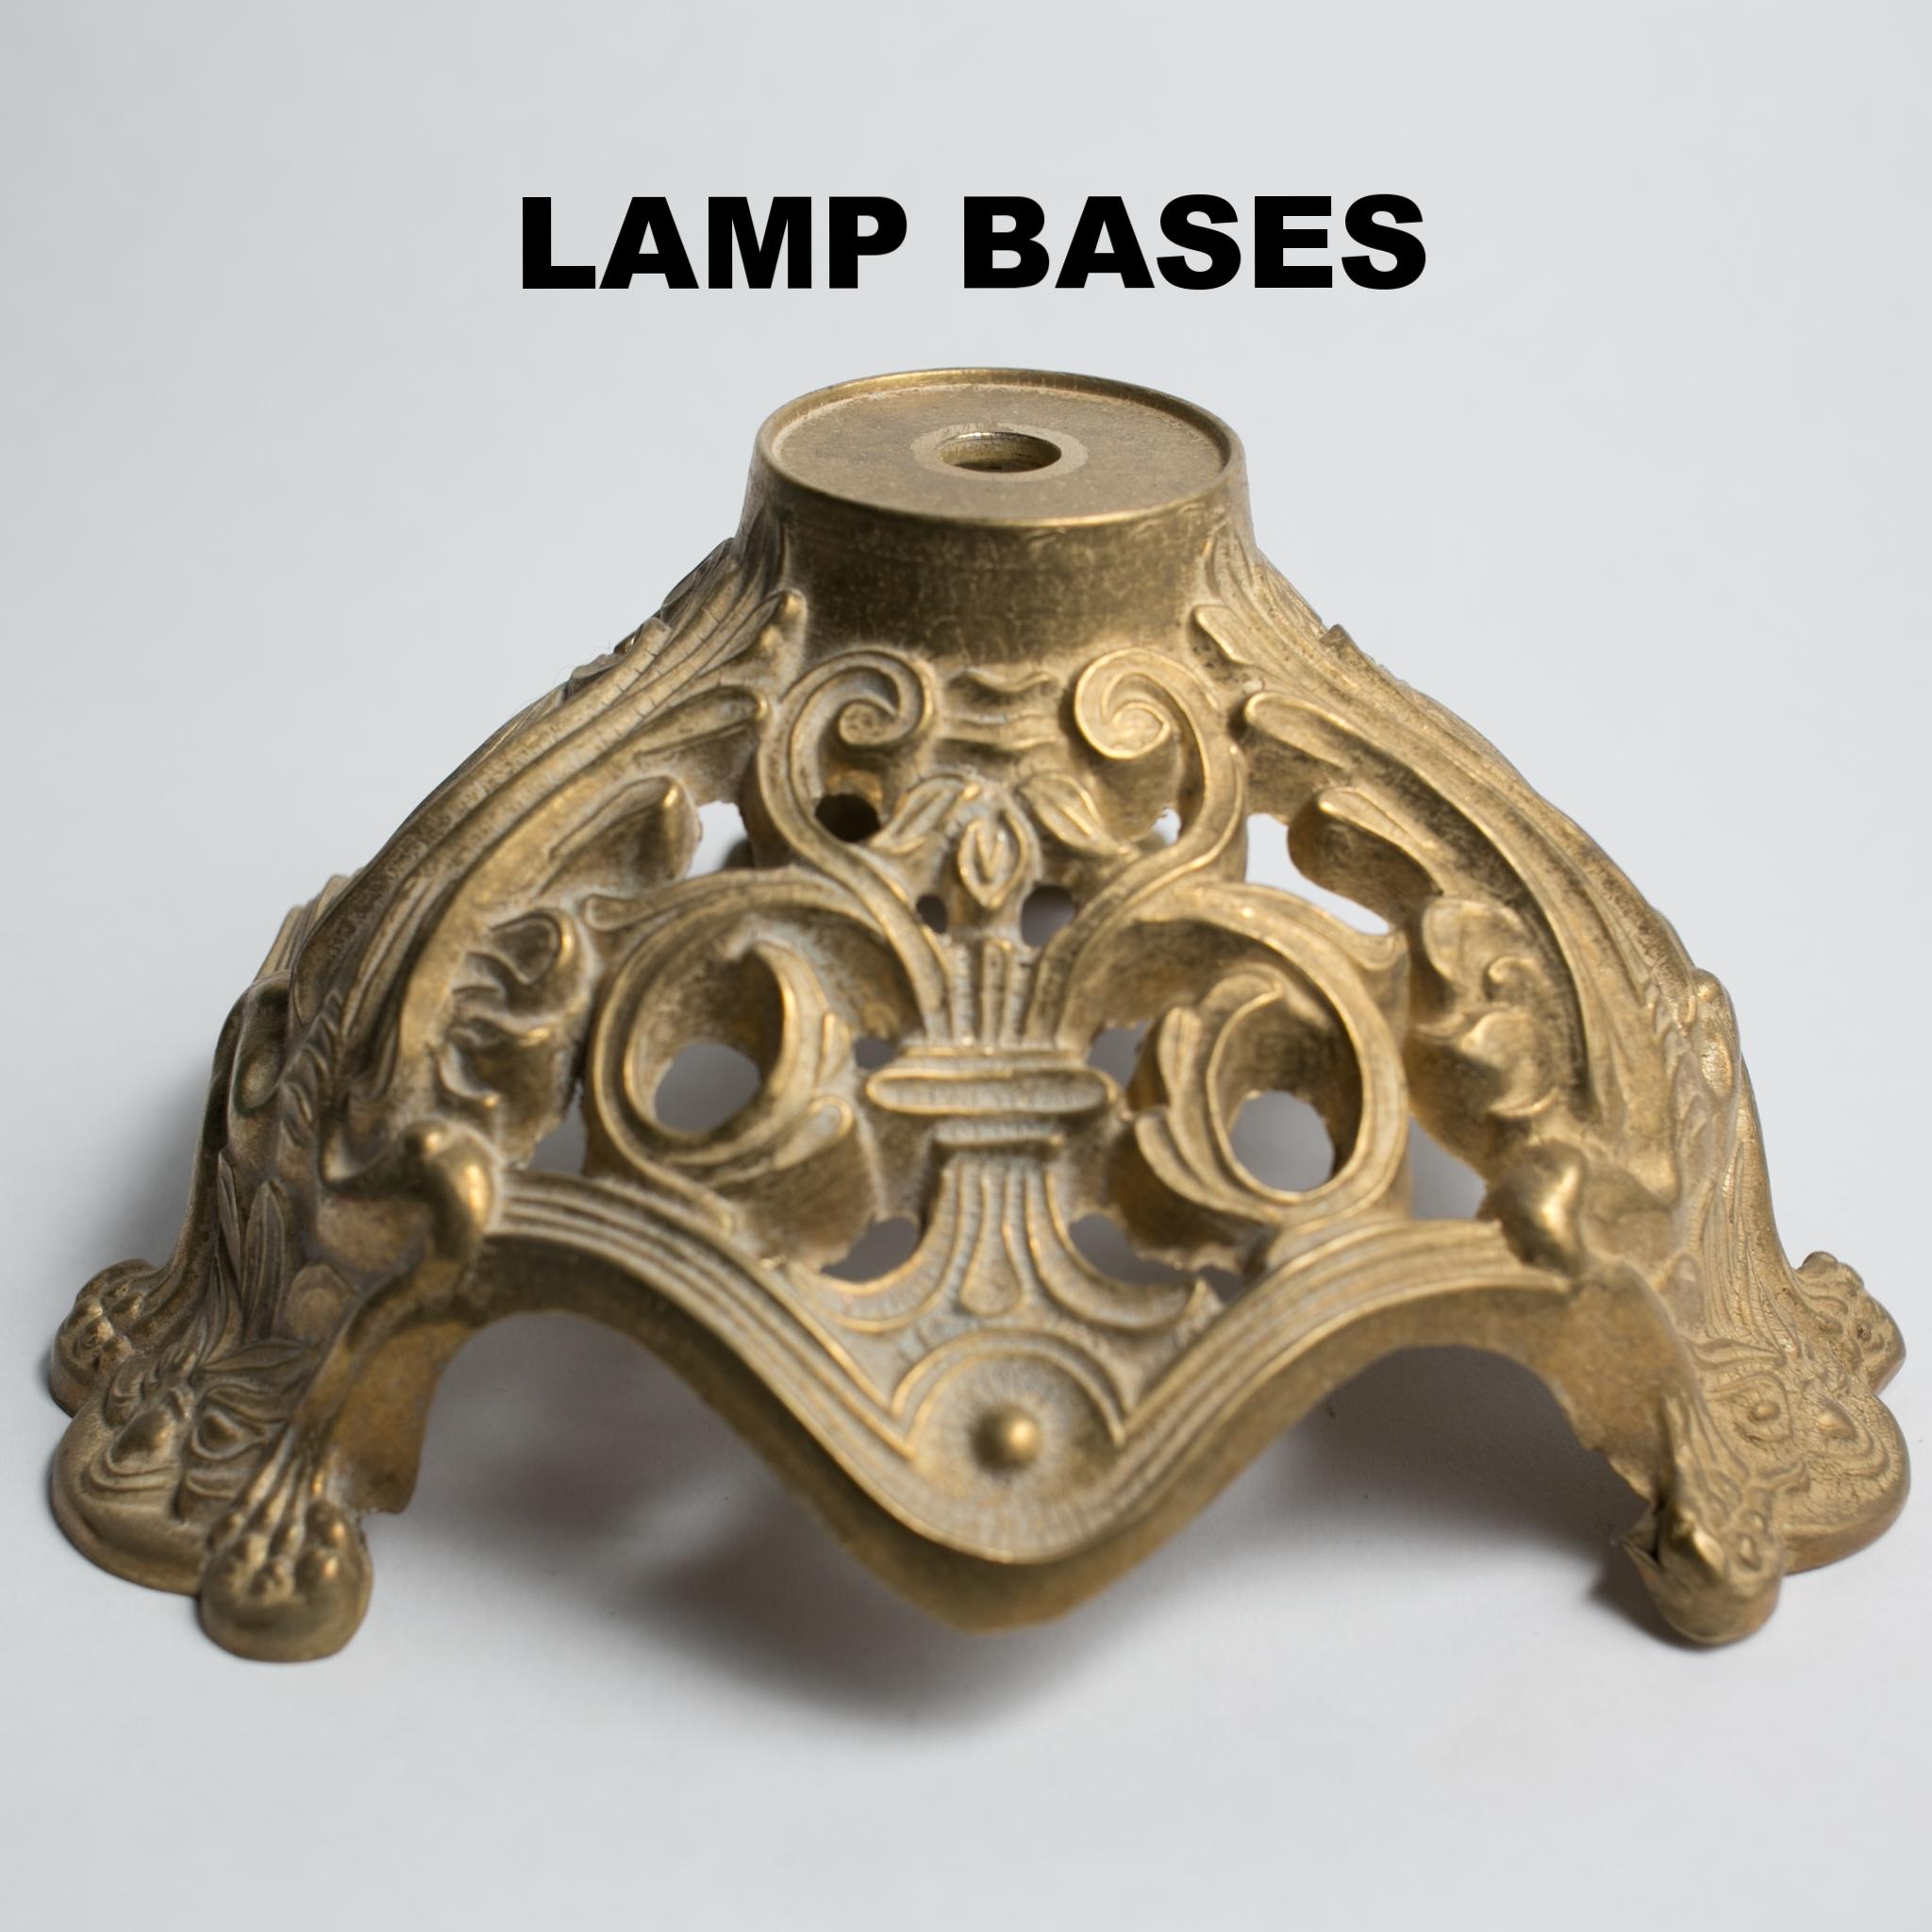 BASES-9305.jpg